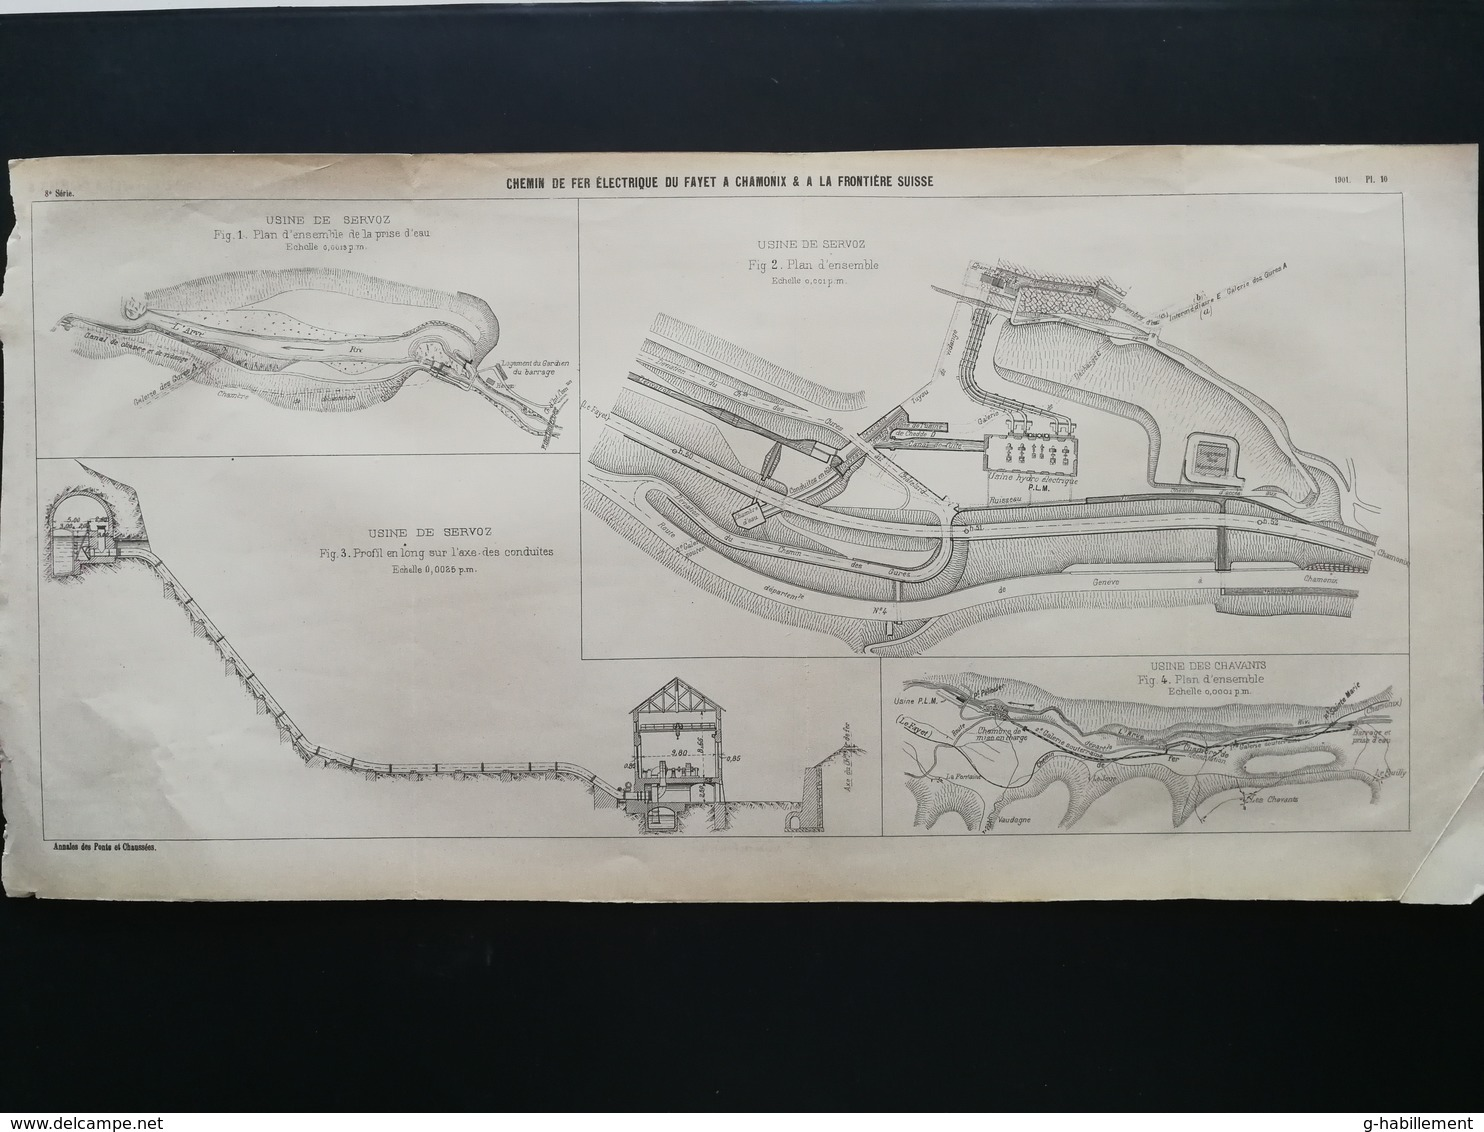 ANNALES DES PONTS Et CHAUSSEES (Dep 74 ) - Plan Du Chemin De Fer électrique Du Fayet à Chamonix - 1901 (CLE67) - Machines